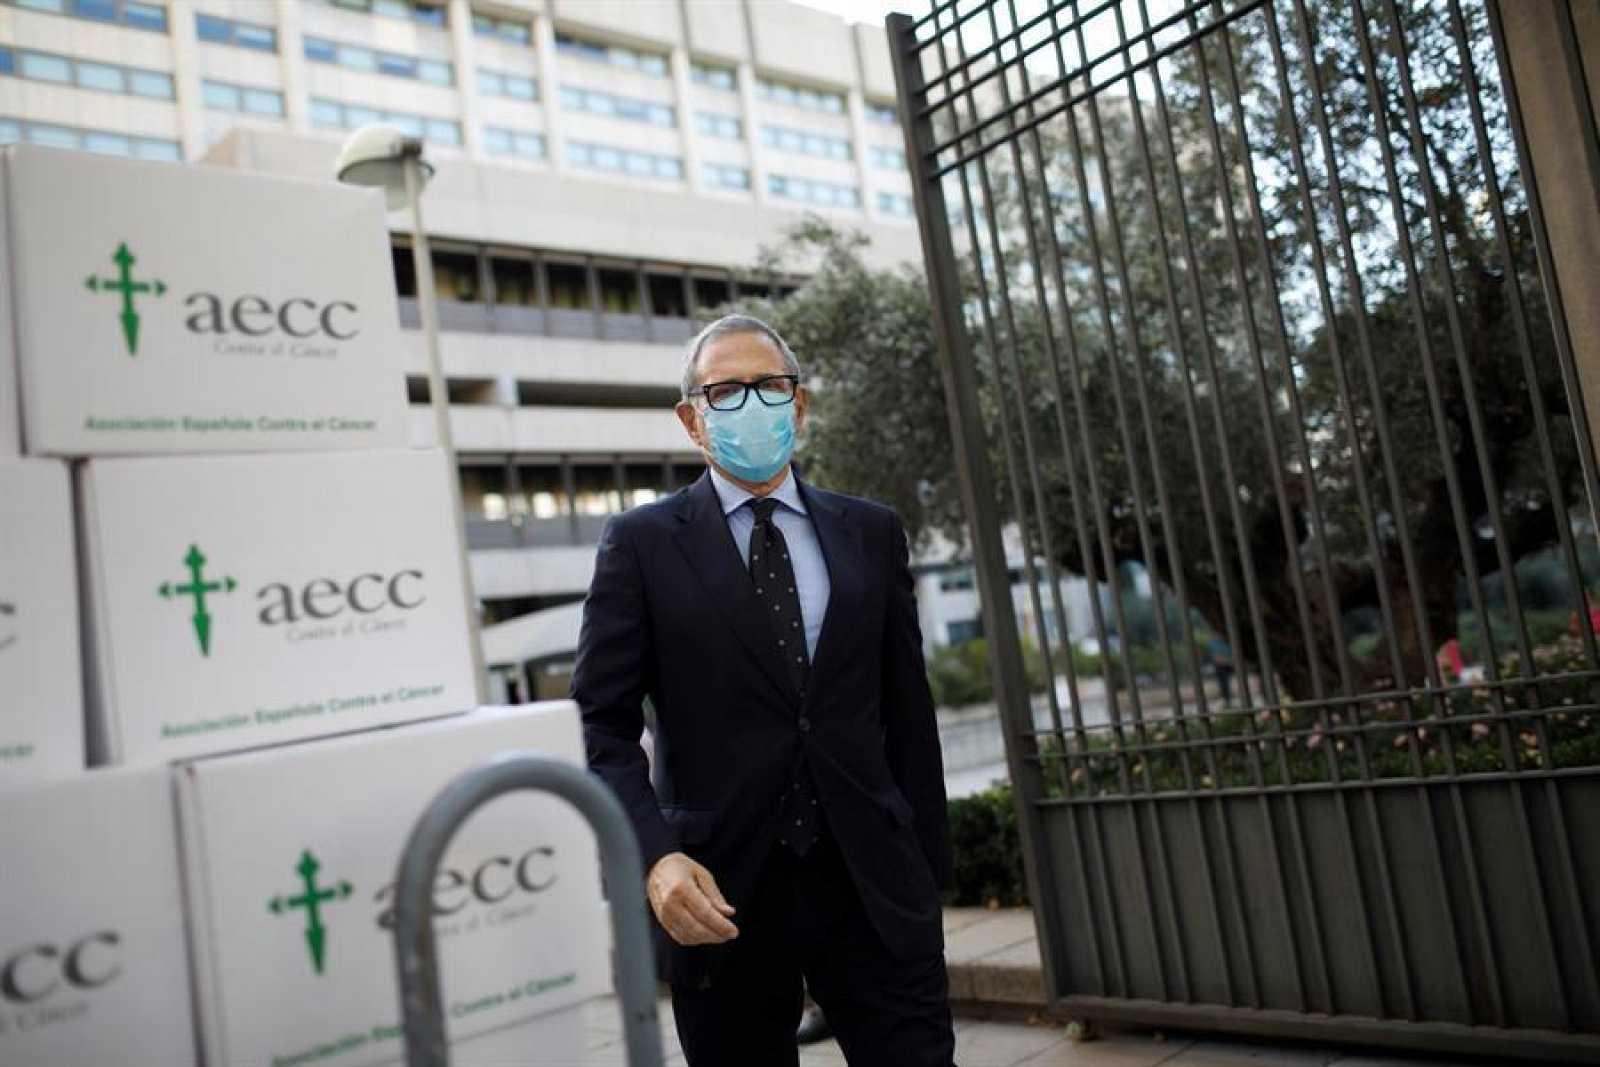 El presidente de la Asociación Española contra el Cancer (AECC), Ramón Reyes, fotografiado delante del Ministerio de Ciencia en Madrid